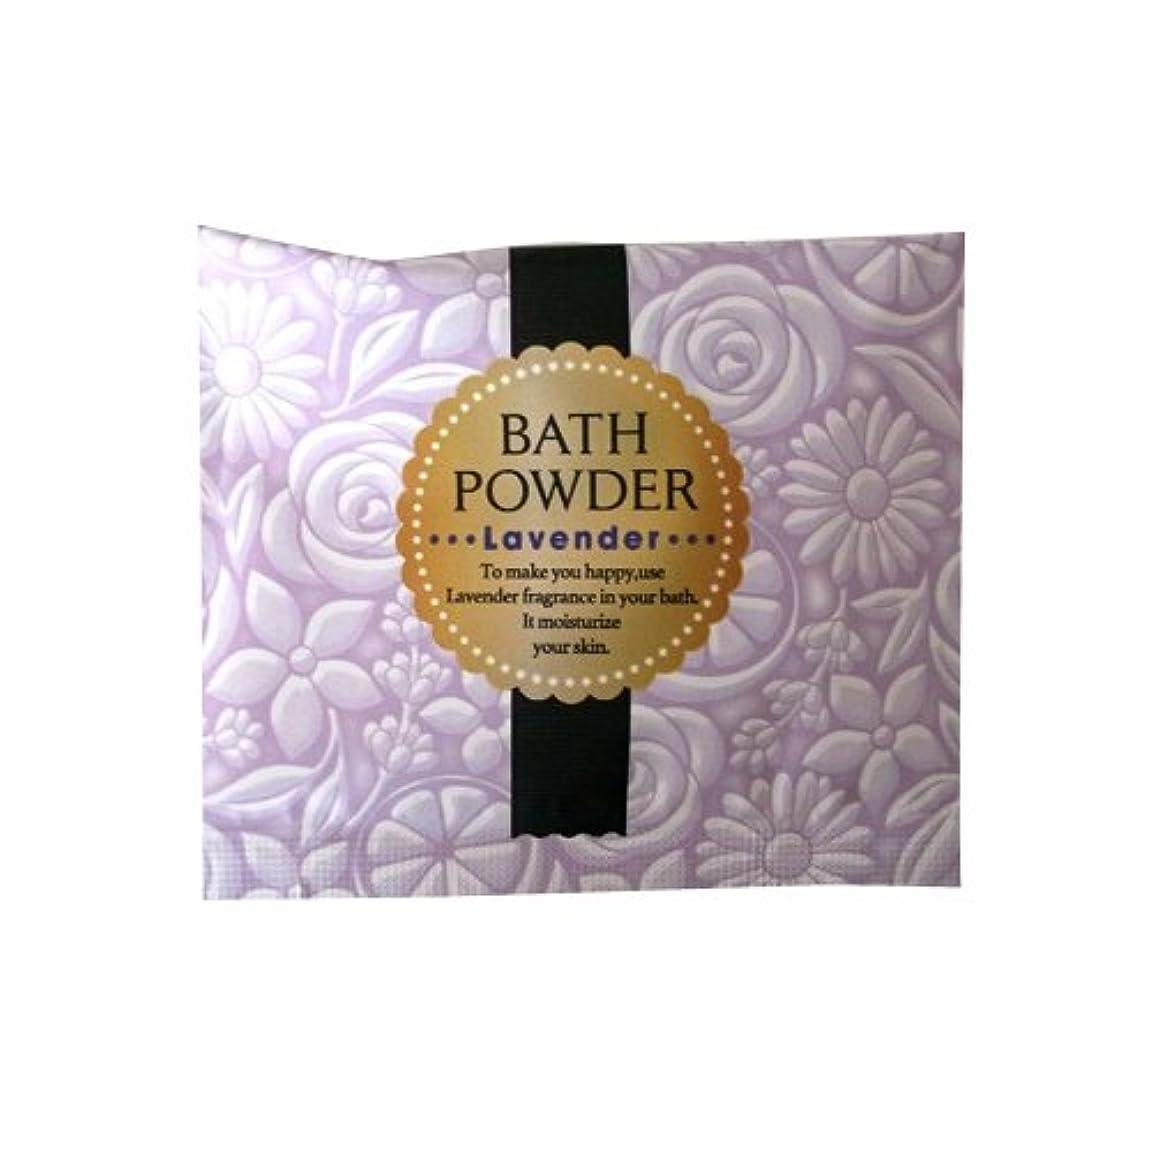 アクロバット記念品ミリメートル入浴剤 LUCKY BATH (ラッキーバス) 25g ラベンダーの香り